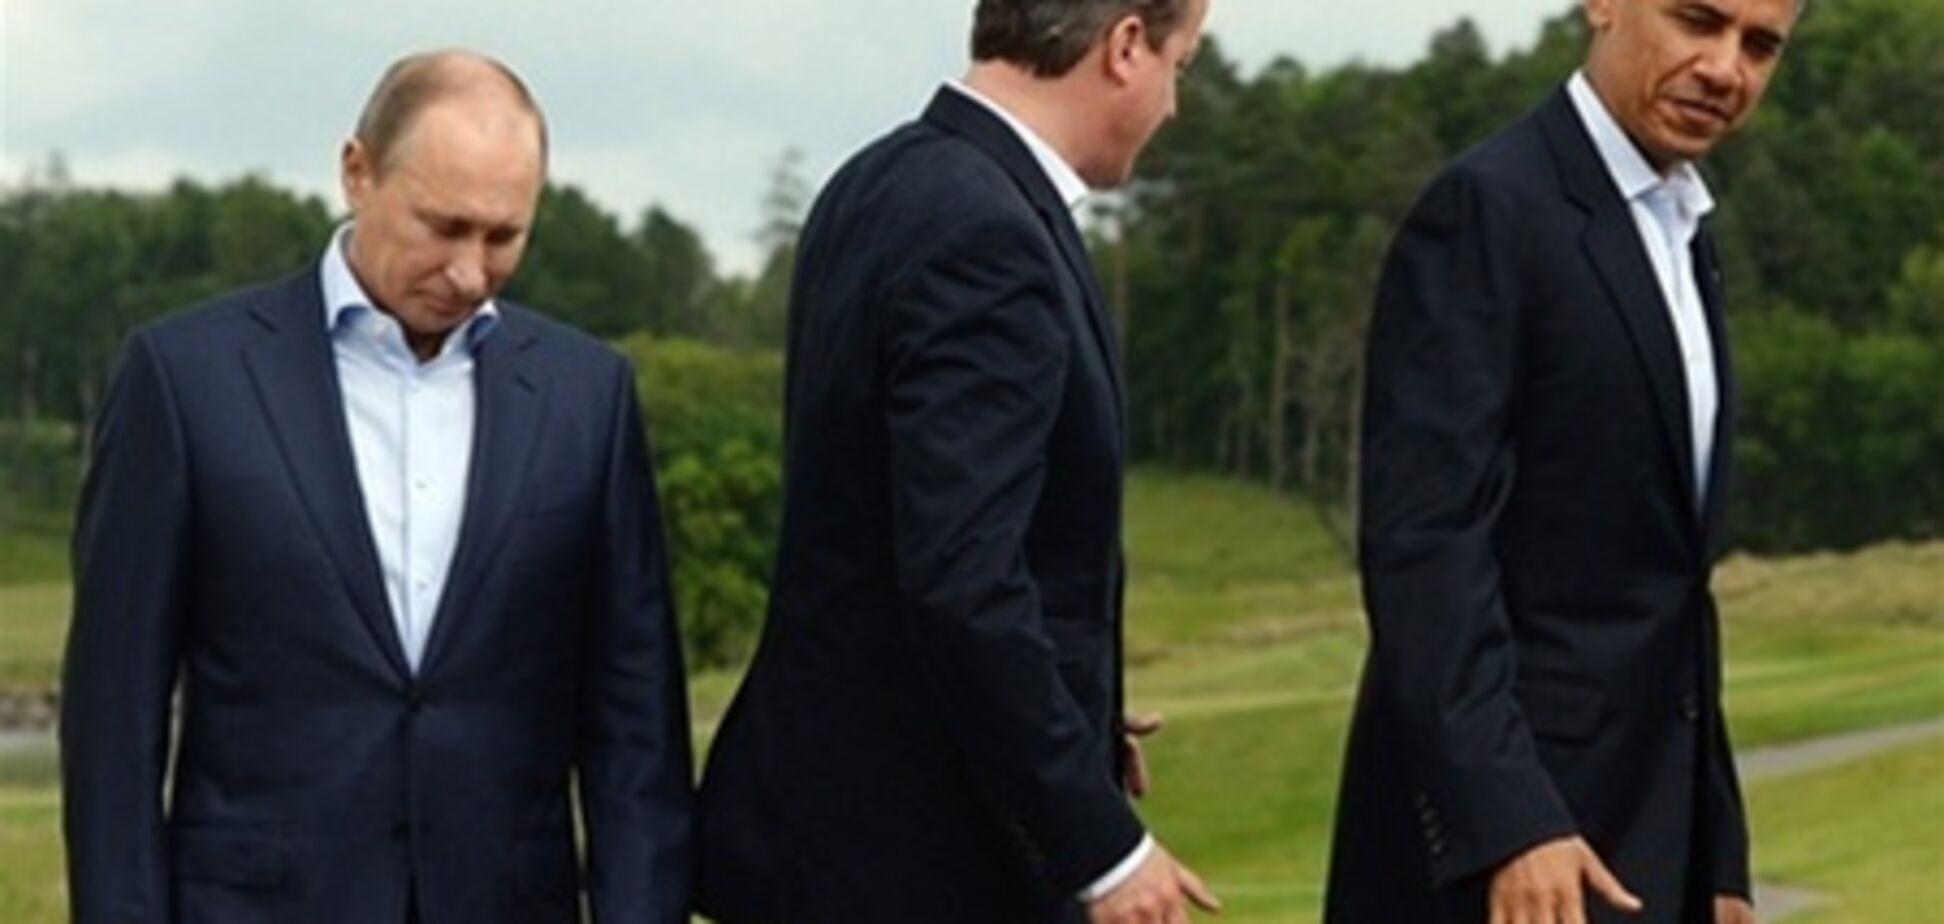 Путин предлагал участникам саммита G8 обнажить торсы - Кэмерон